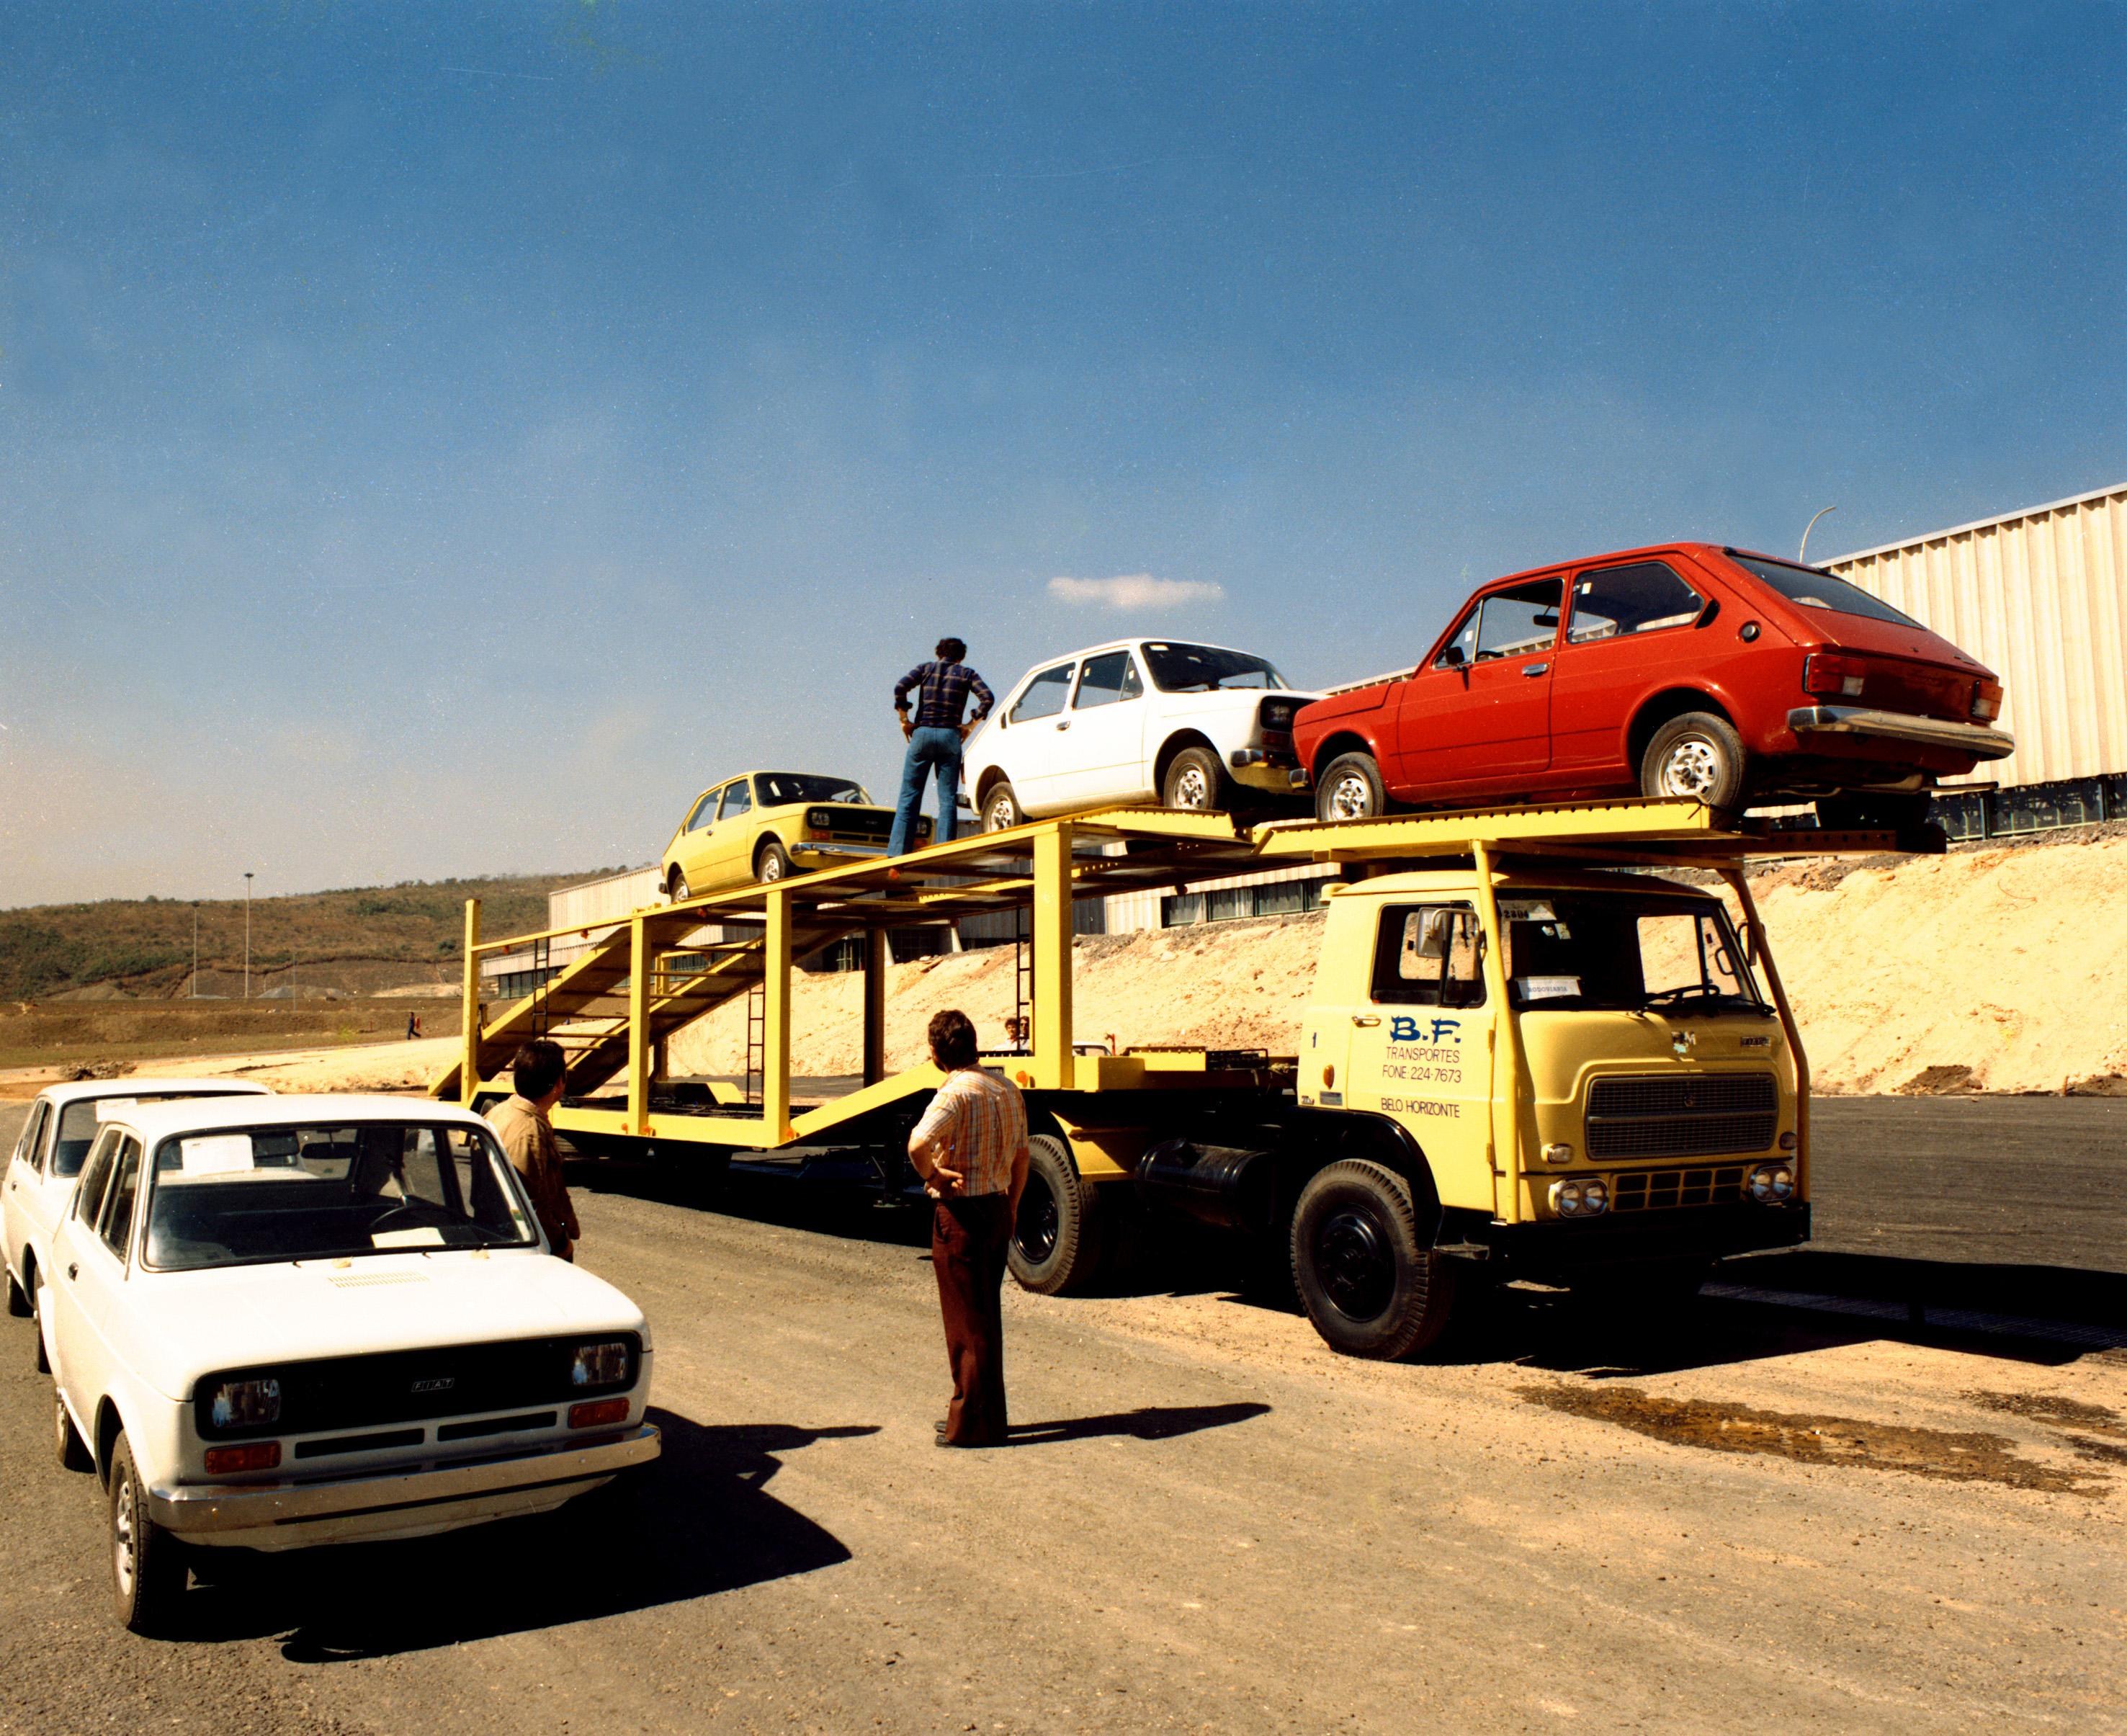 Carreta com unidades do Fiat 147 em Betim